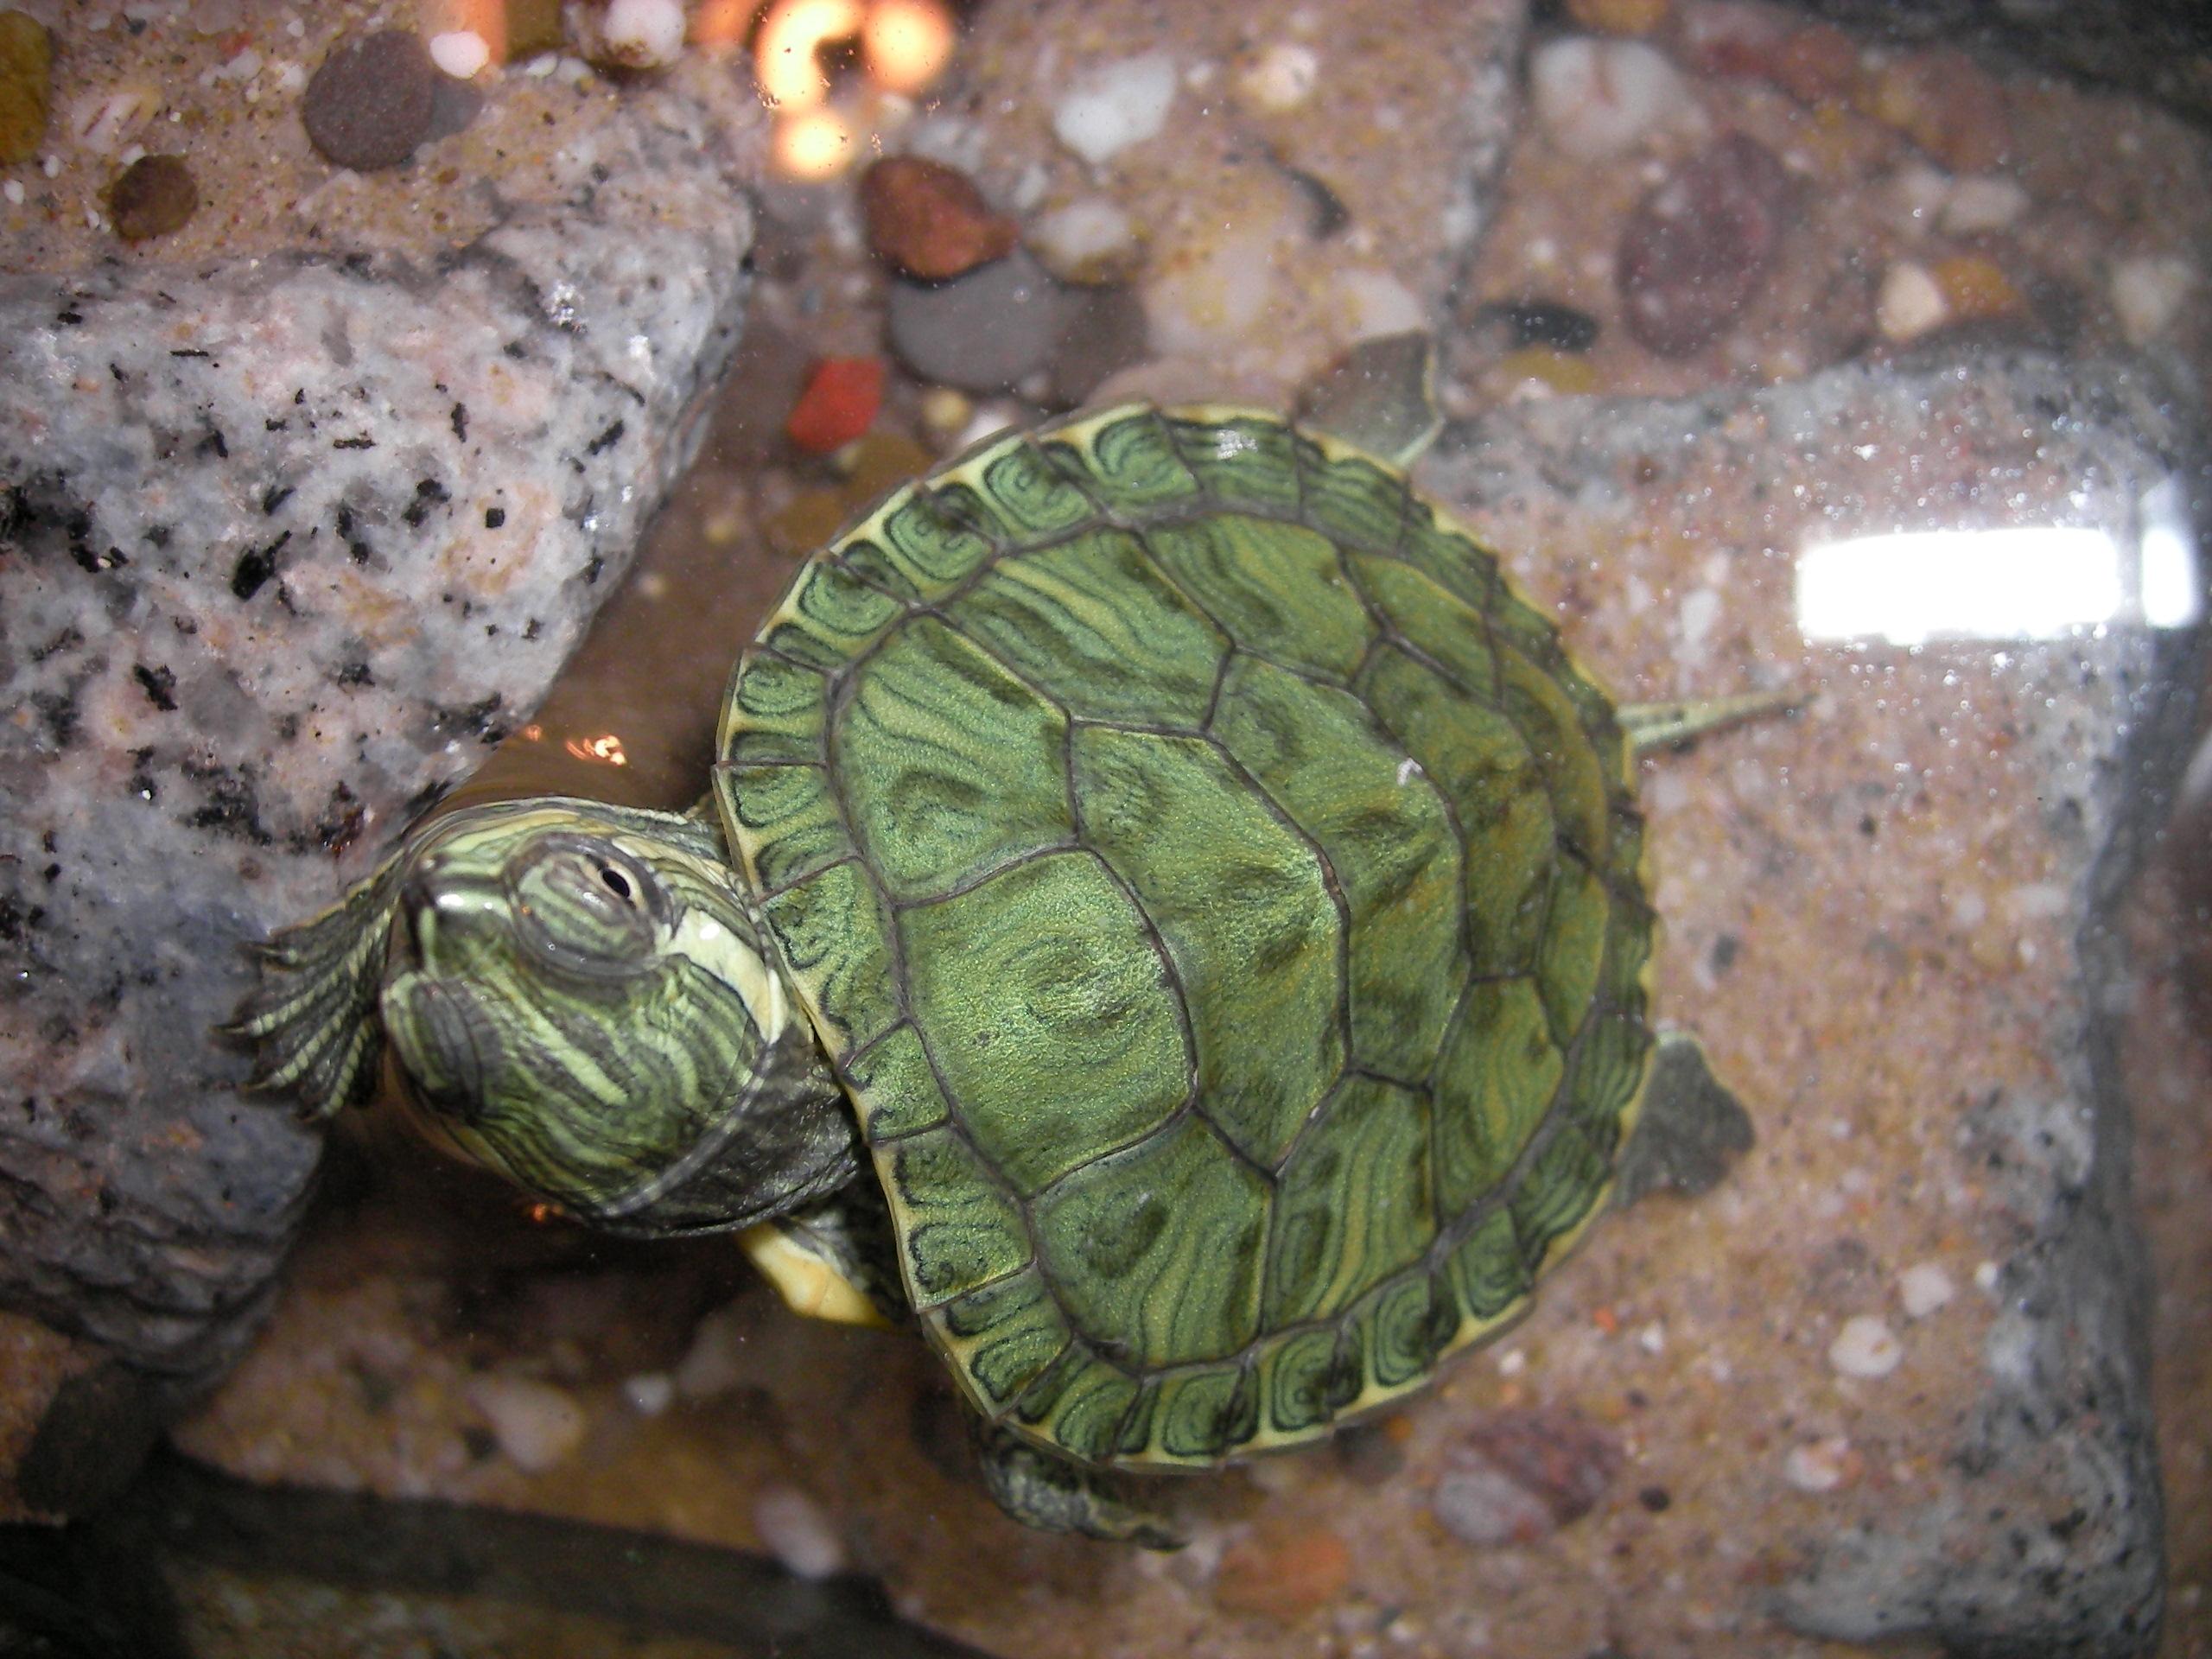 Hibernaci n de las tortugas for Filtro para estanque de tortugas